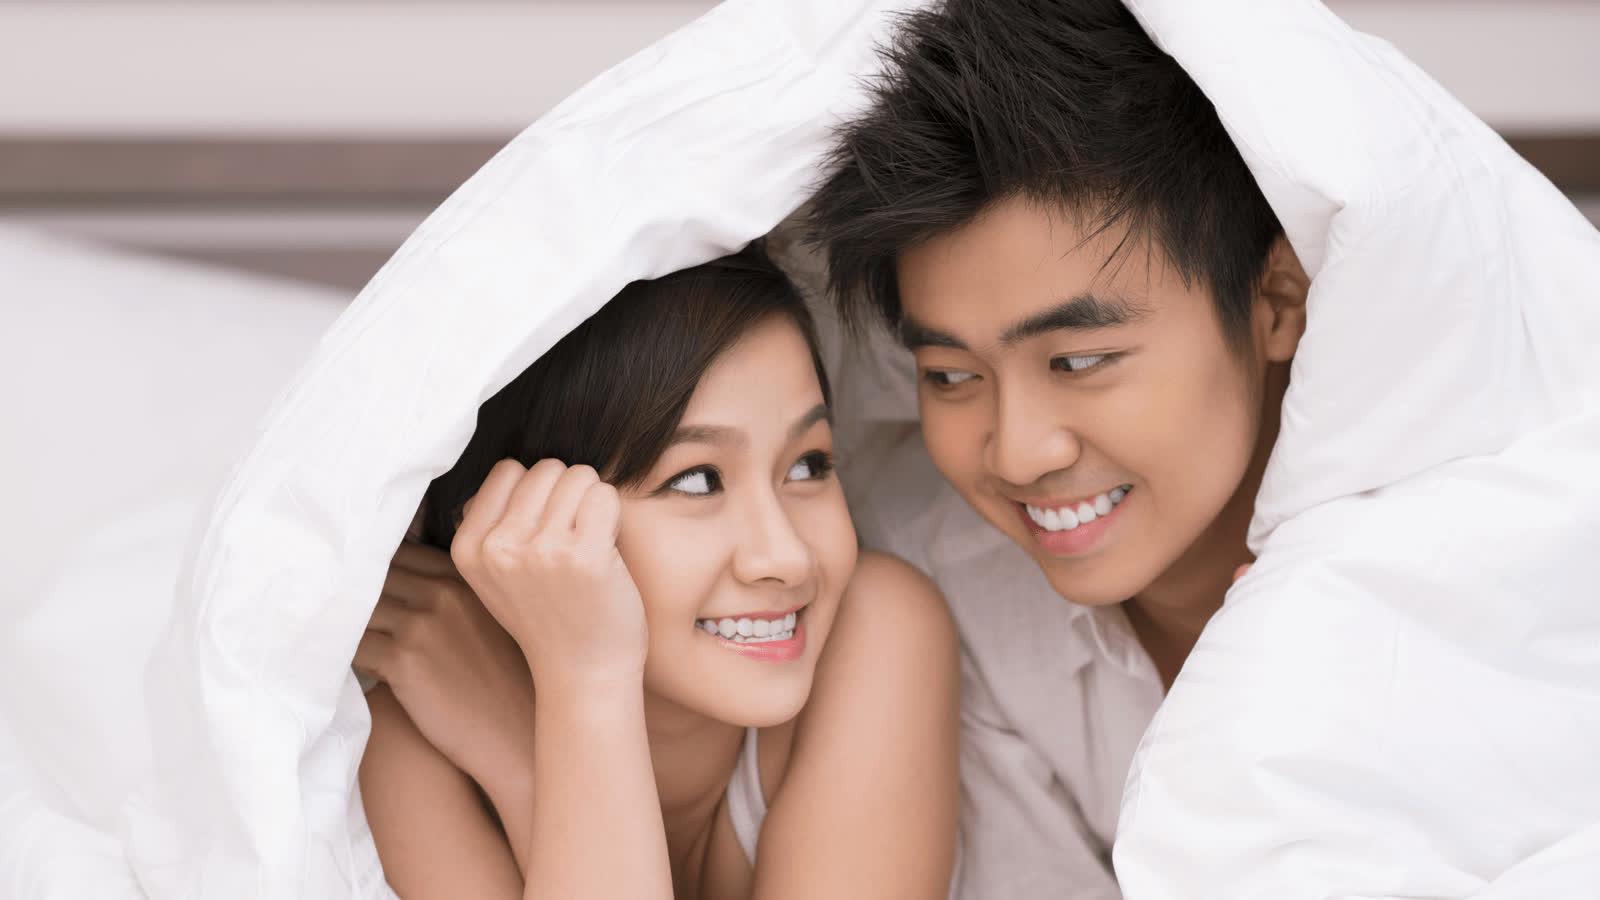 7 bí quyết giữ chồng không lăng nhăng, một lòng chung thủy với vợ - Ảnh 2